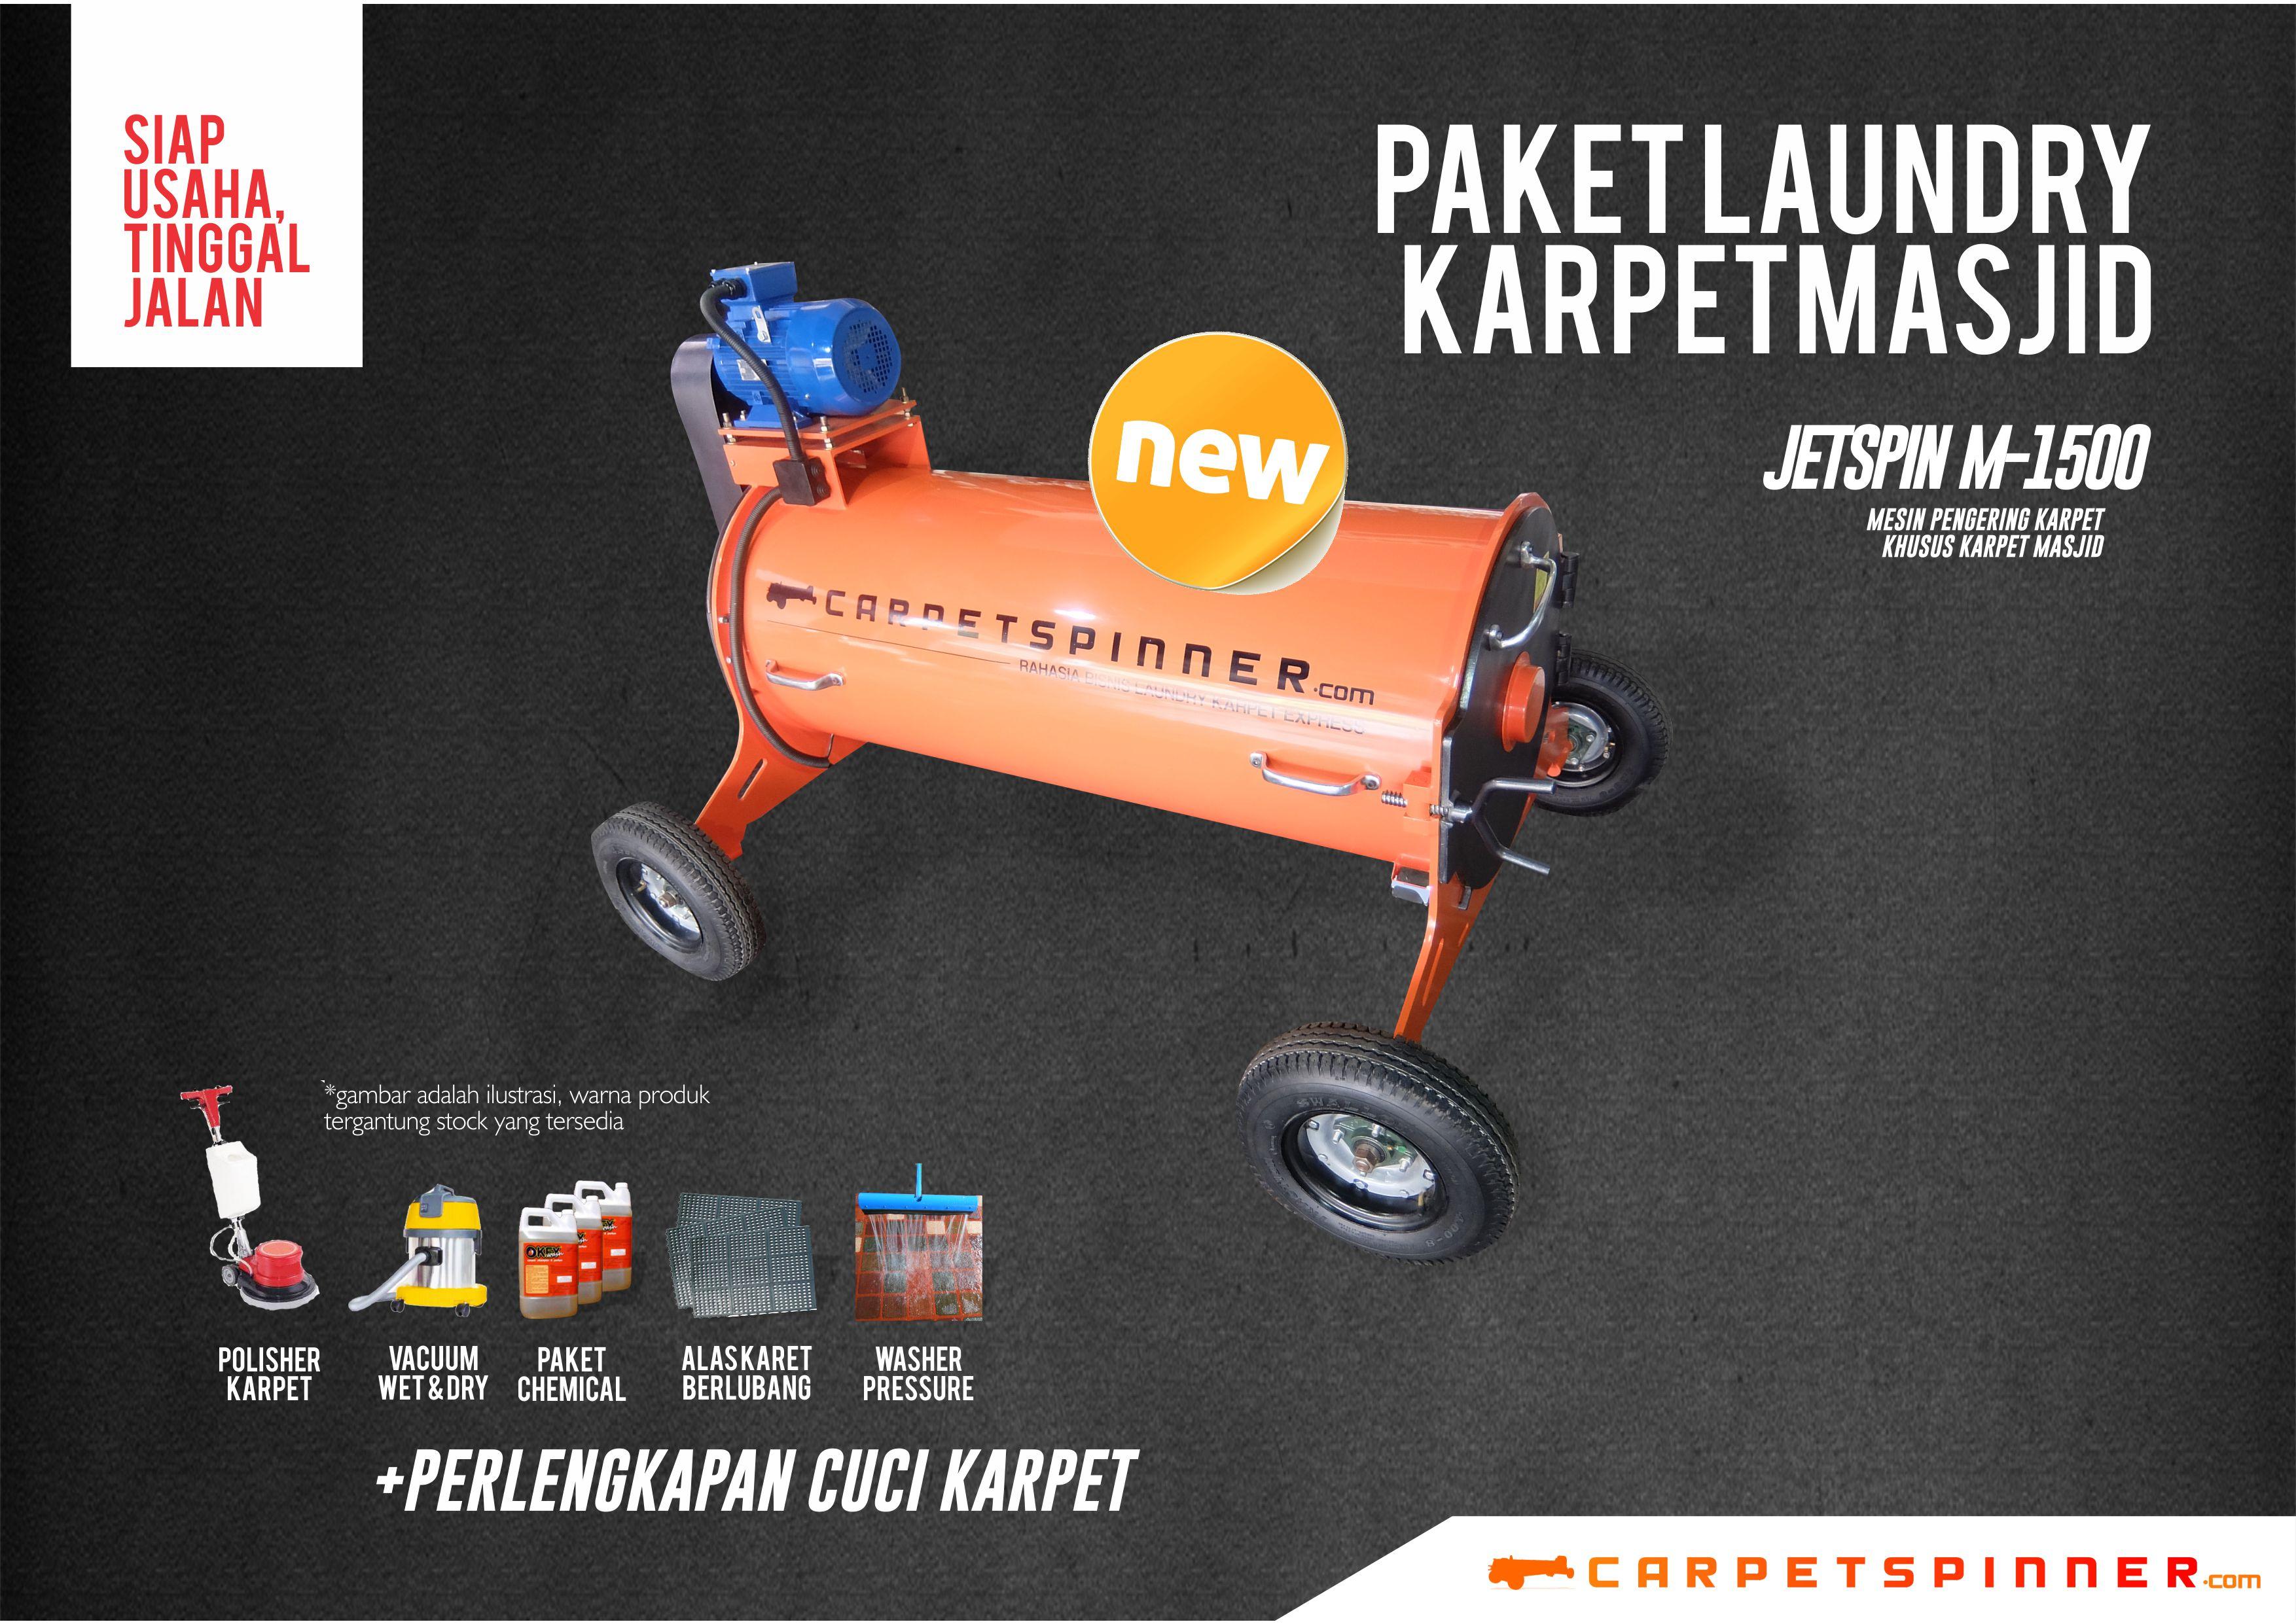 Paket Laundry Karpet Masjid JETSpin M-1500 Carpet Spinner 2019